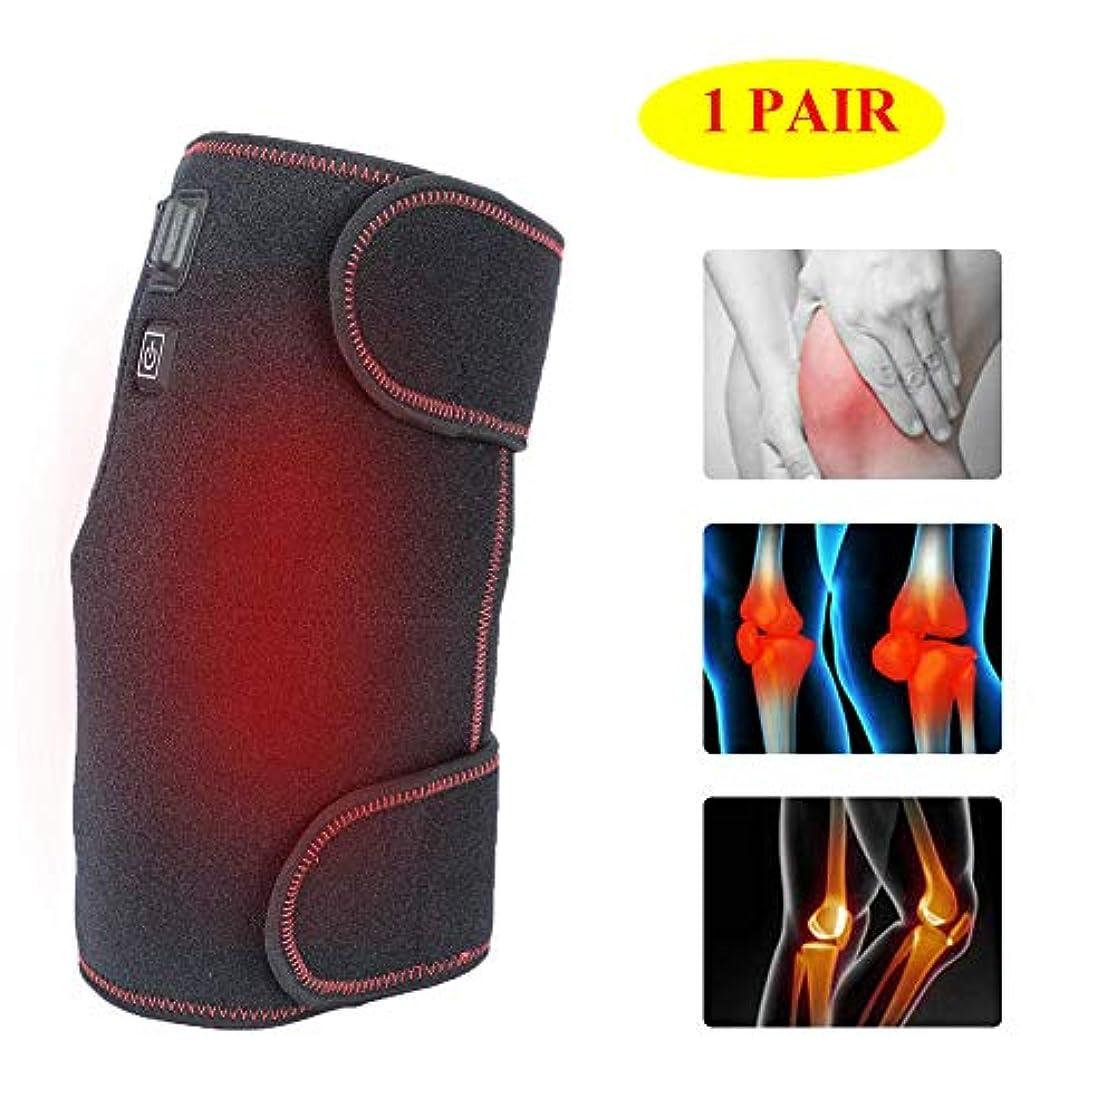 許さないラブ虚偽加熱膝ブレースサポート1ペア - USB充電式膝暖かいラップ加熱パッド - 療法ホット圧縮3ファイル温度で膝の傷害